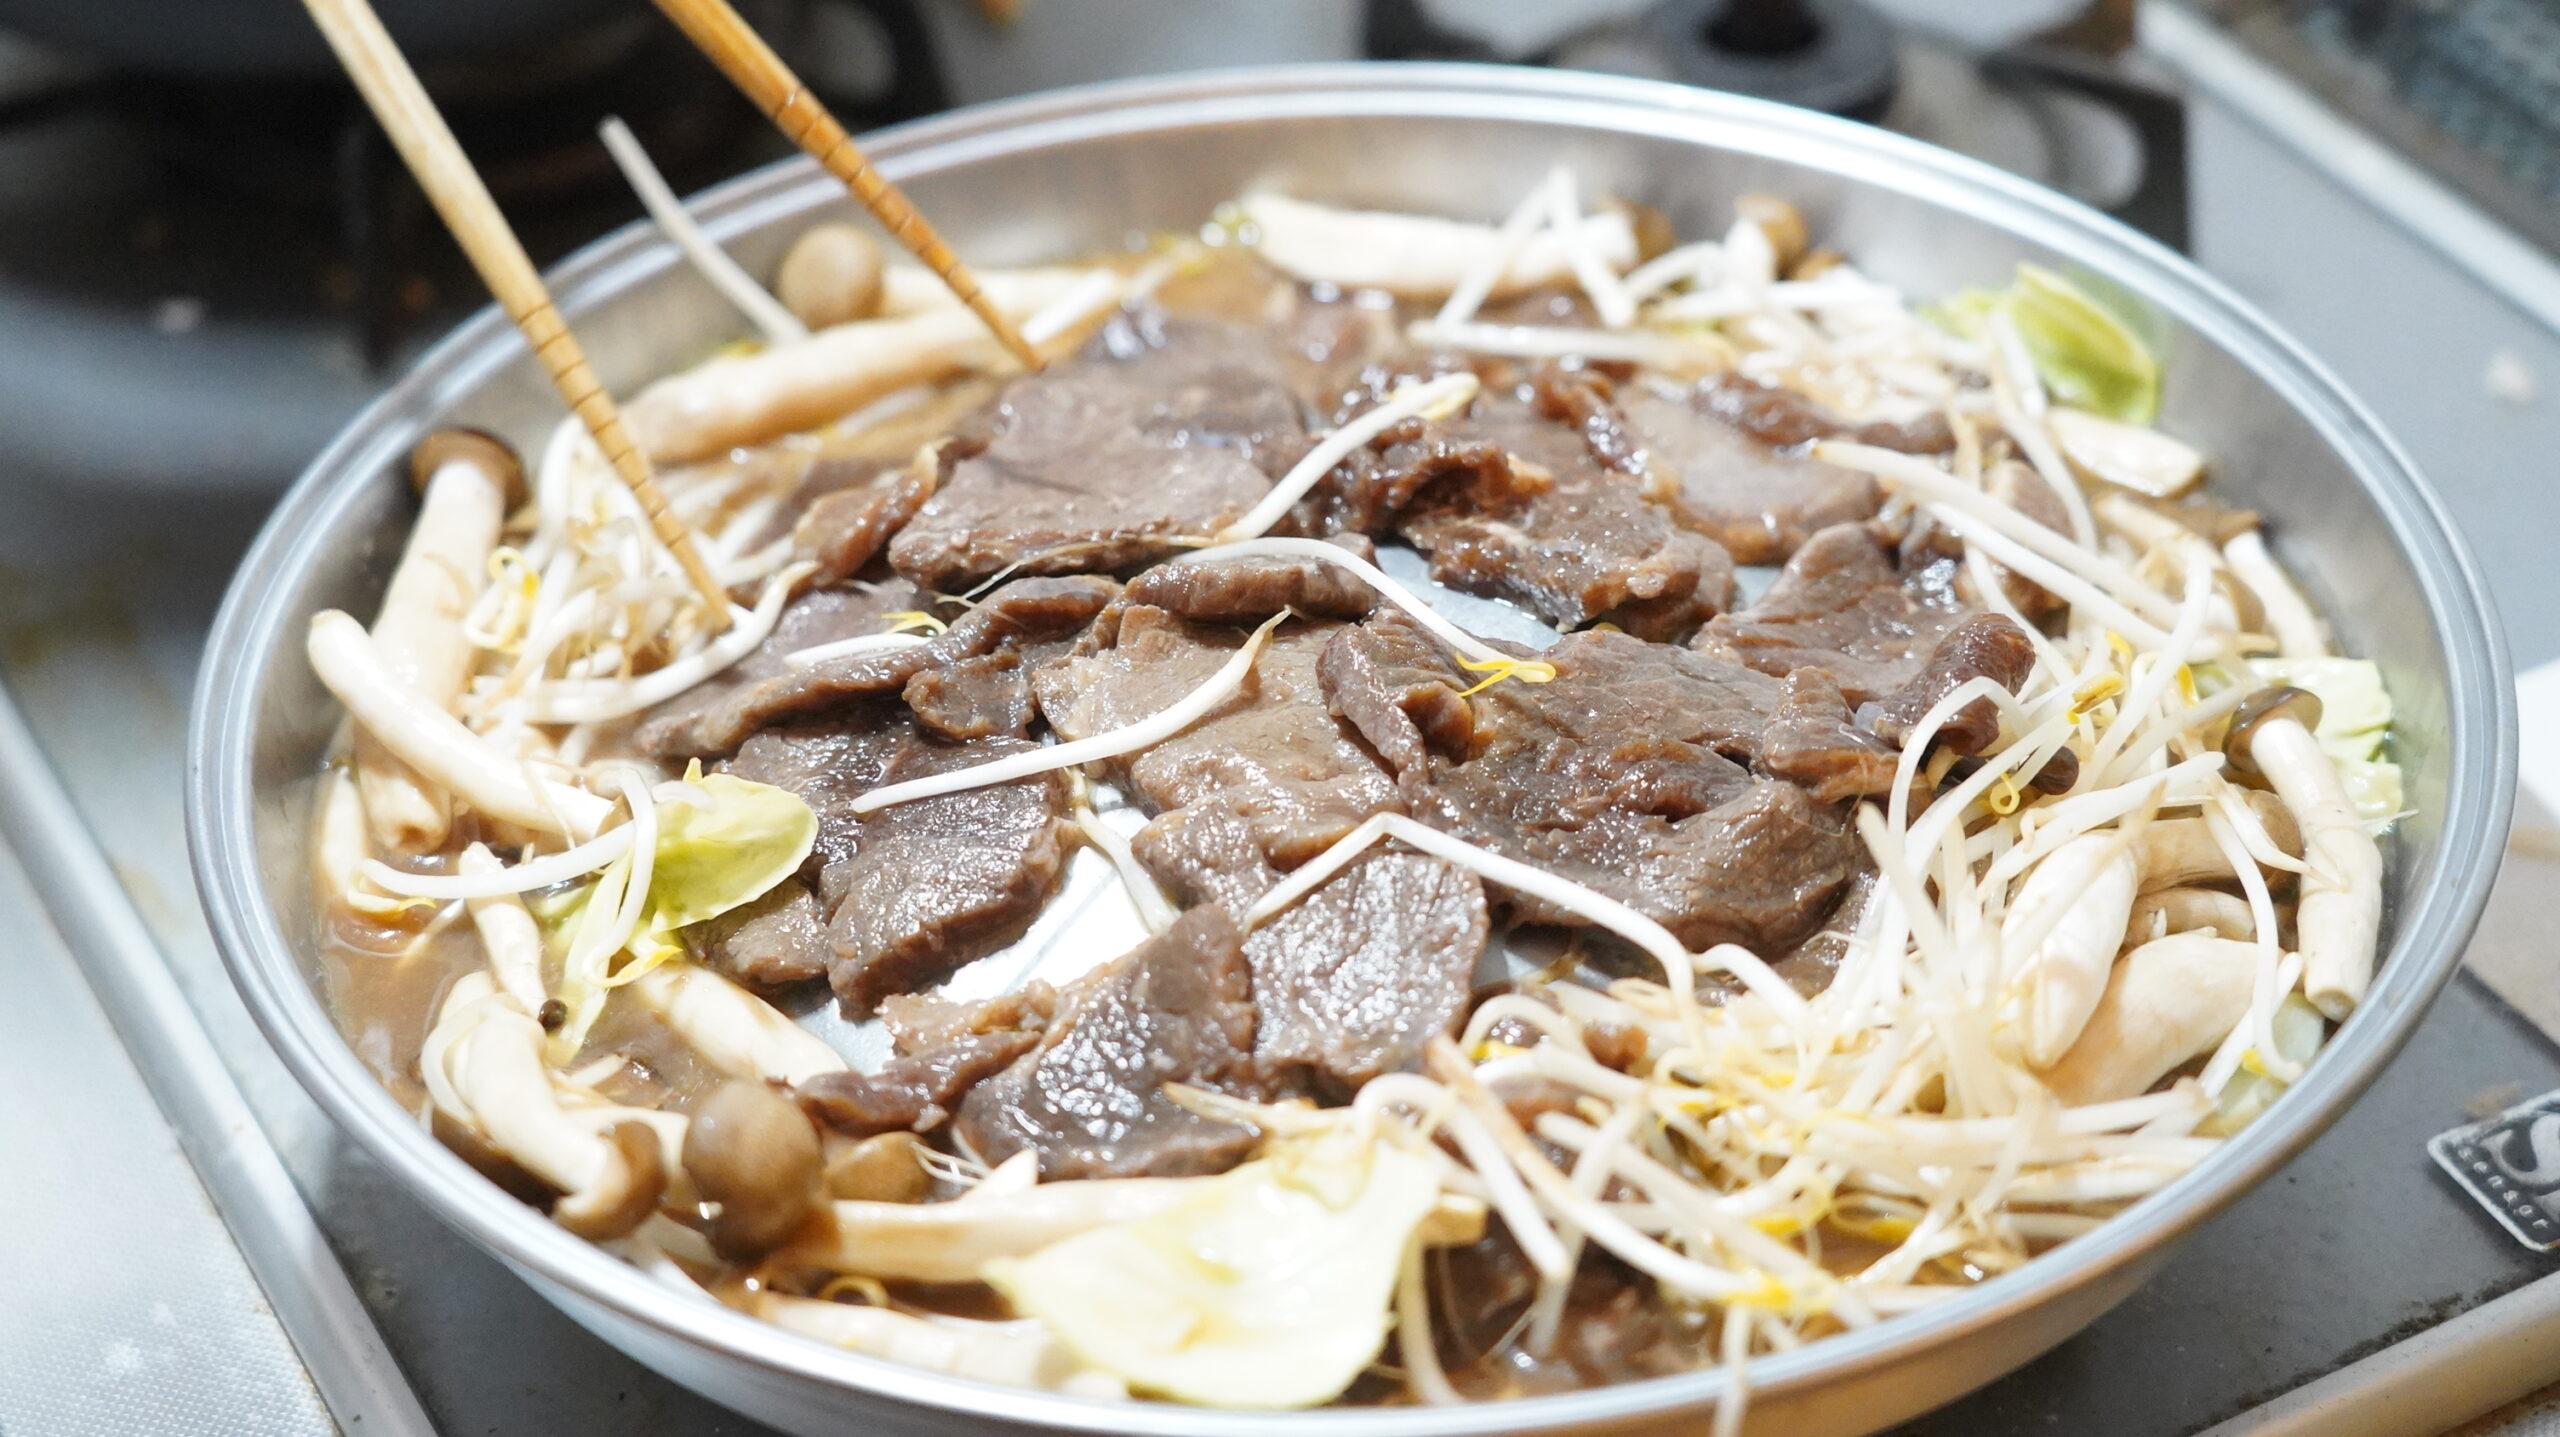 松尾ジンギスカンを通販でお取り寄せした冷凍マトン肉を箸で焼いている写真